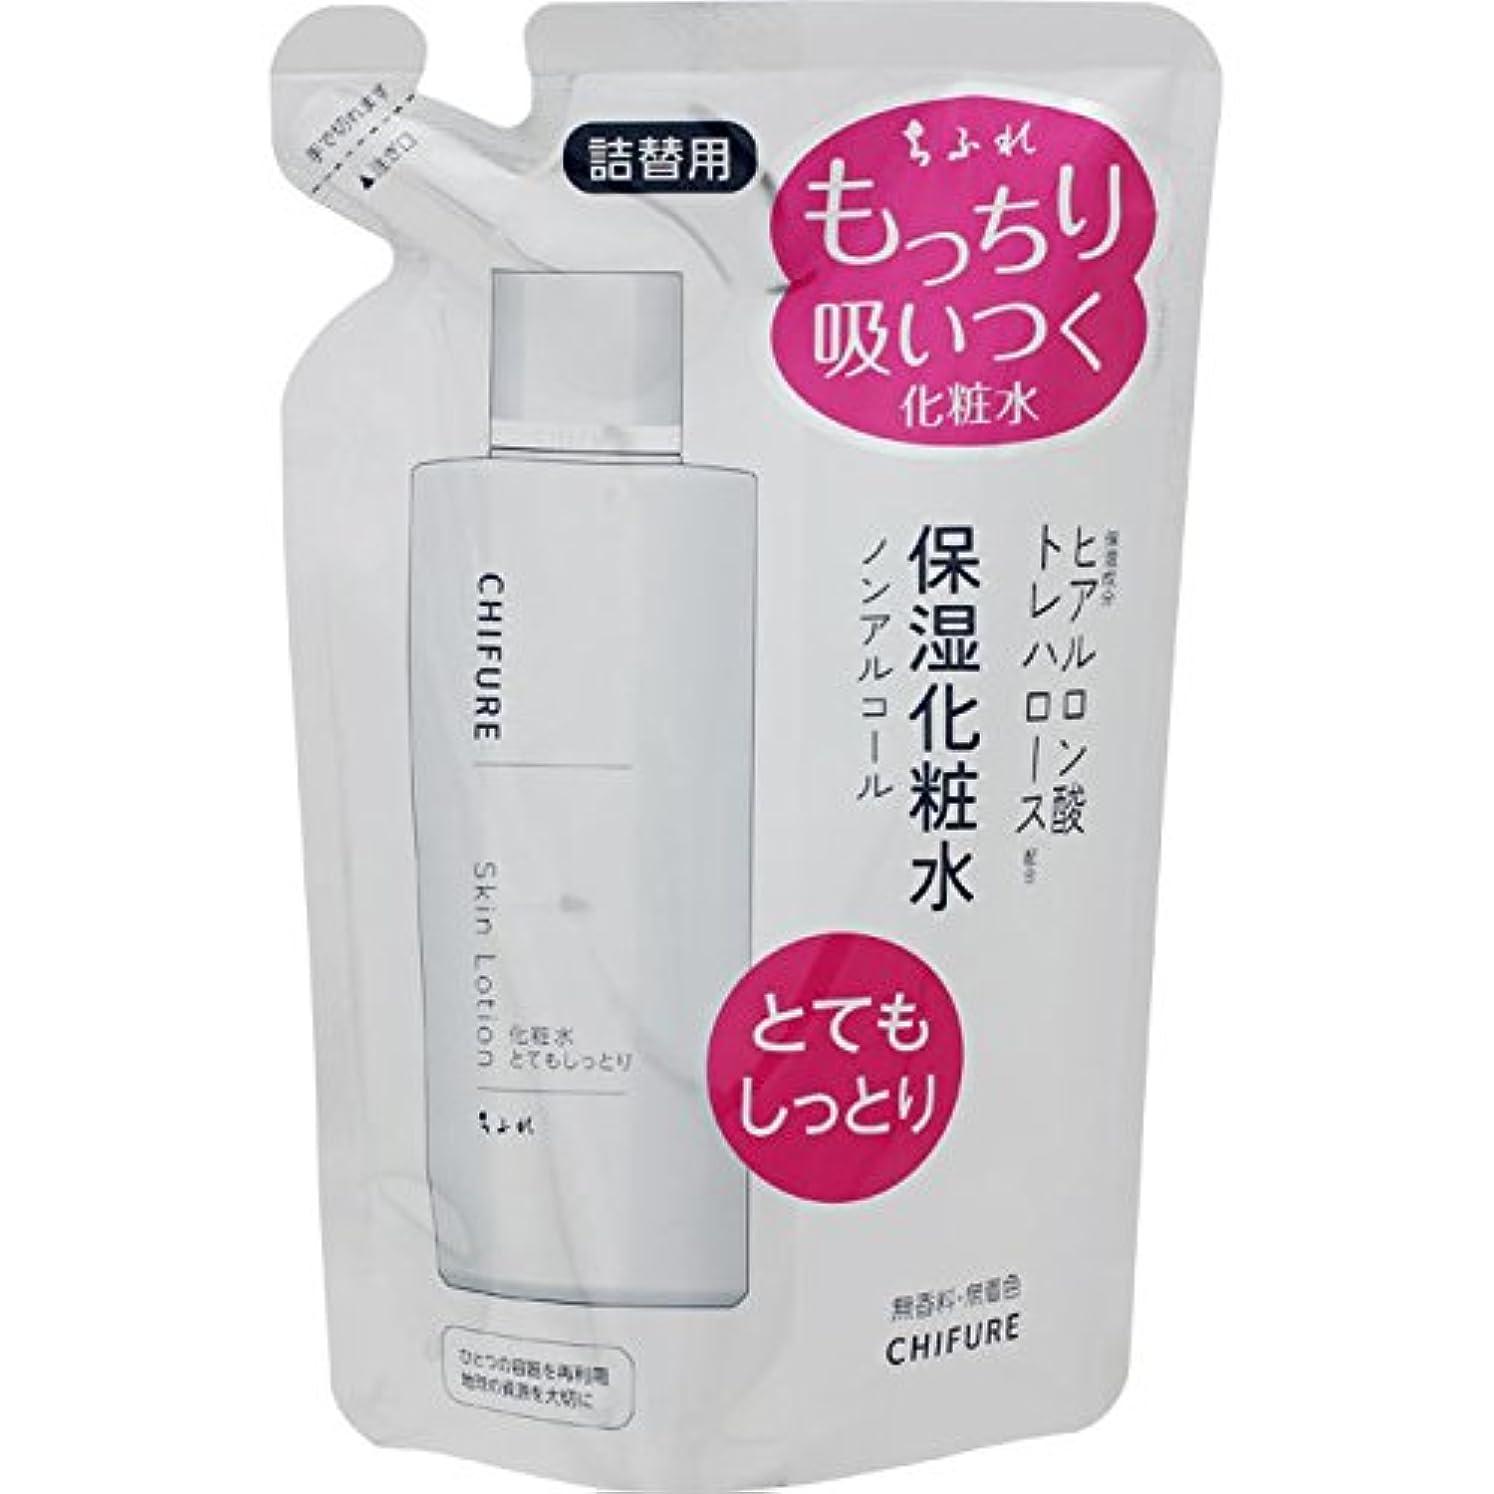 連想スピリチュアル保守可能ちふれ化粧品 化粧水 とてもしっとりタイプ 詰替用 150ML